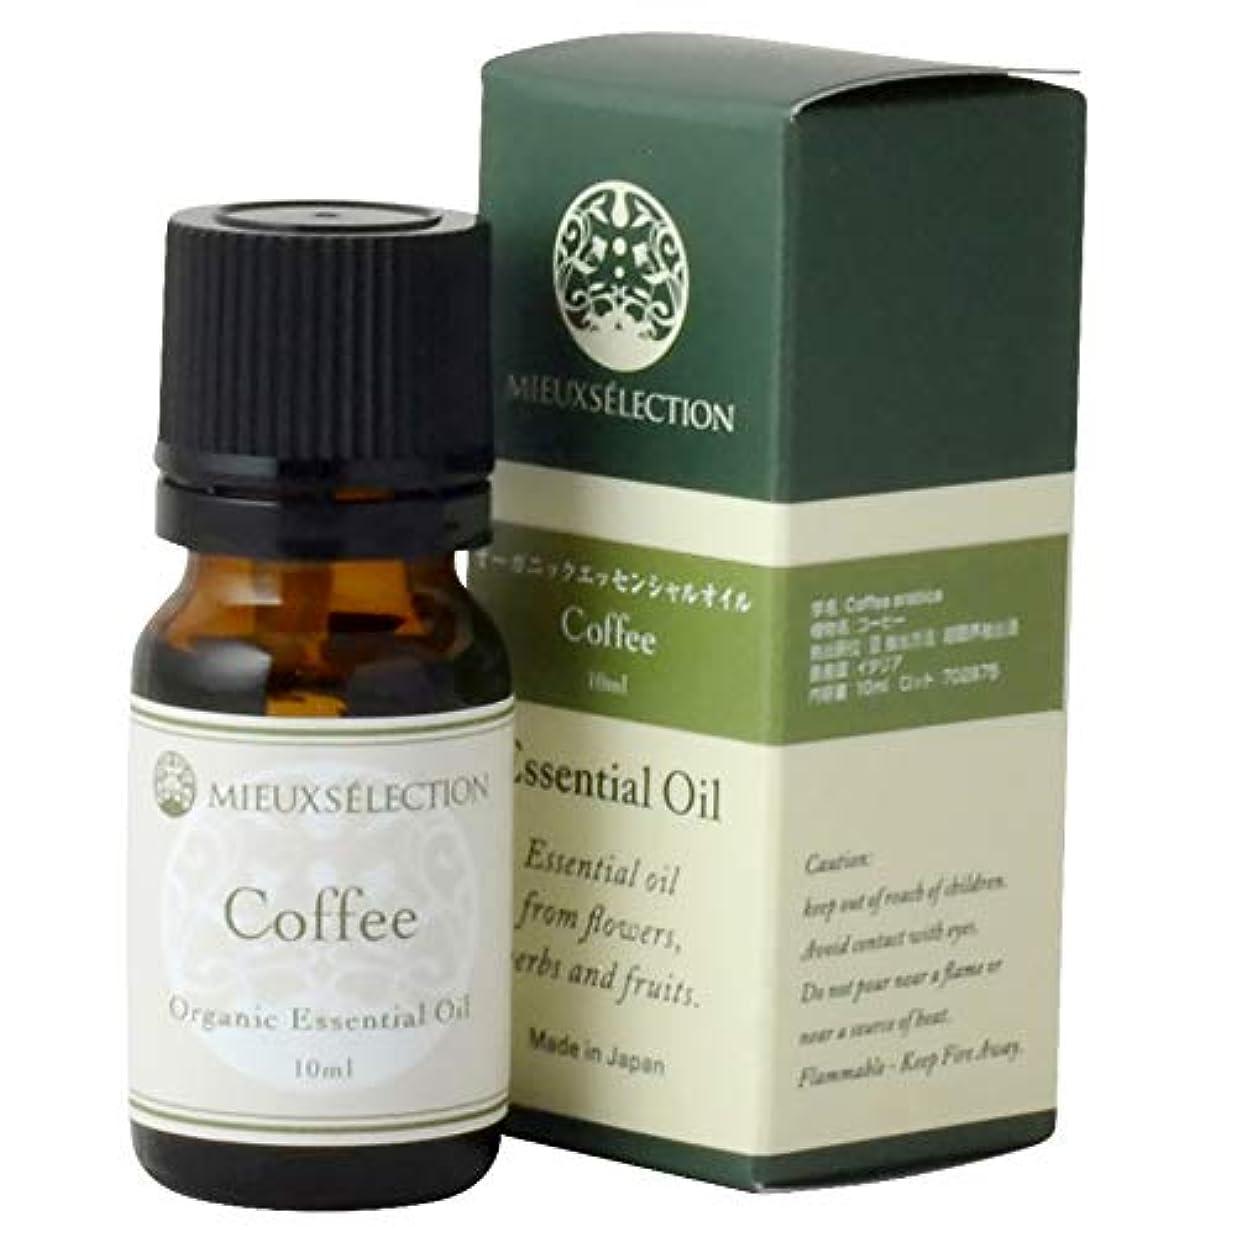 不機嫌窒素地区オーガニックCO2エキストラクト コーヒー 10ml